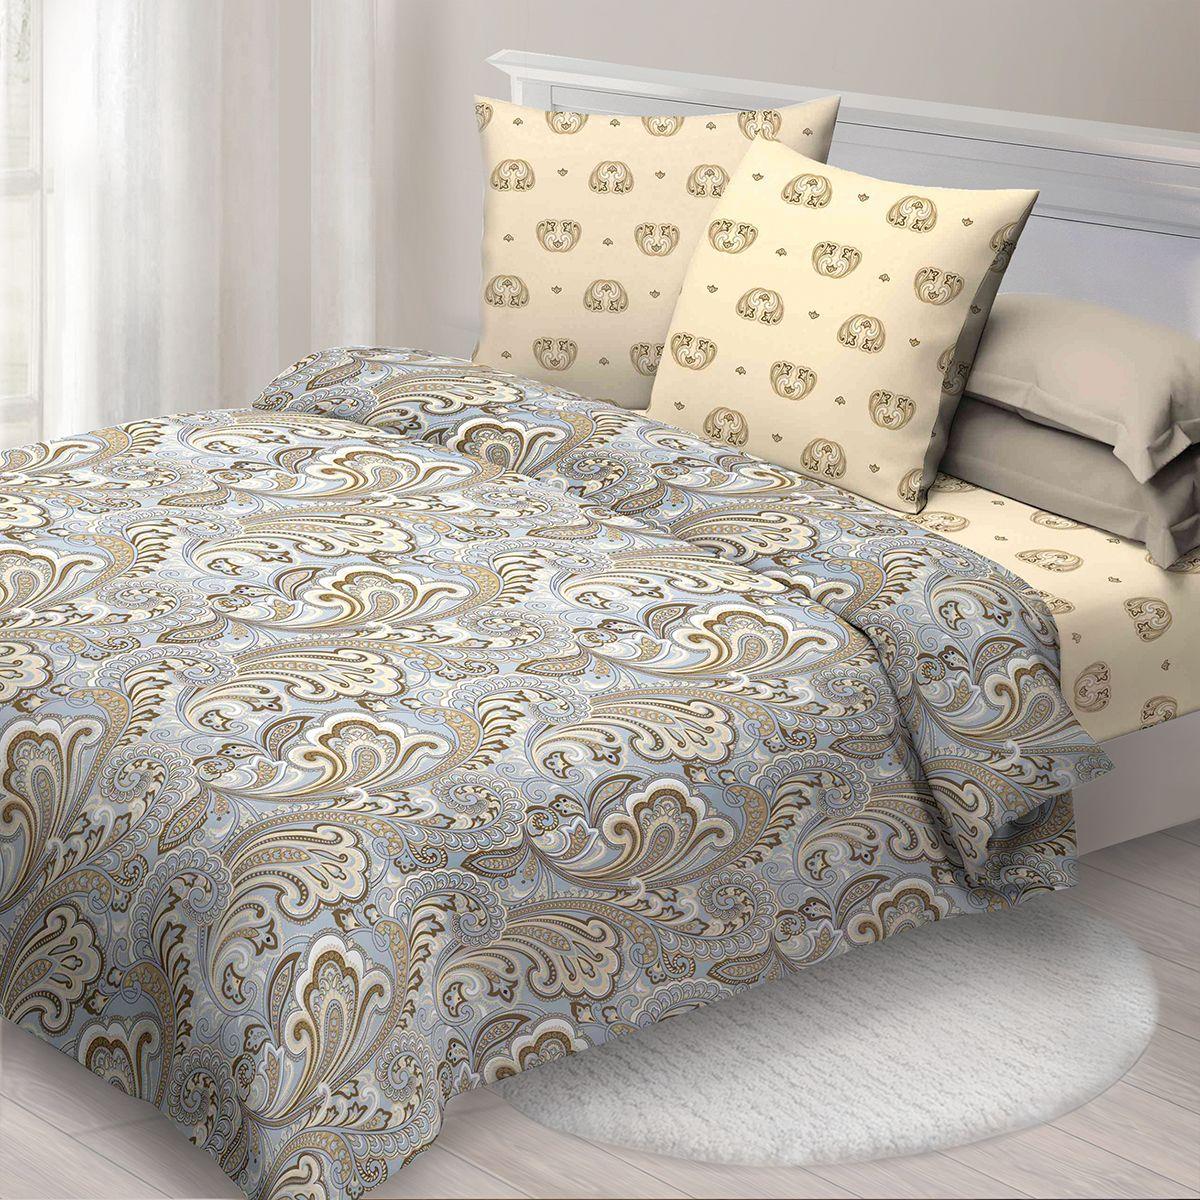 Комплект белья Спал Спалыч Тамилла, евро, наволочки 70x70, цвет: голубой. 3907-182468